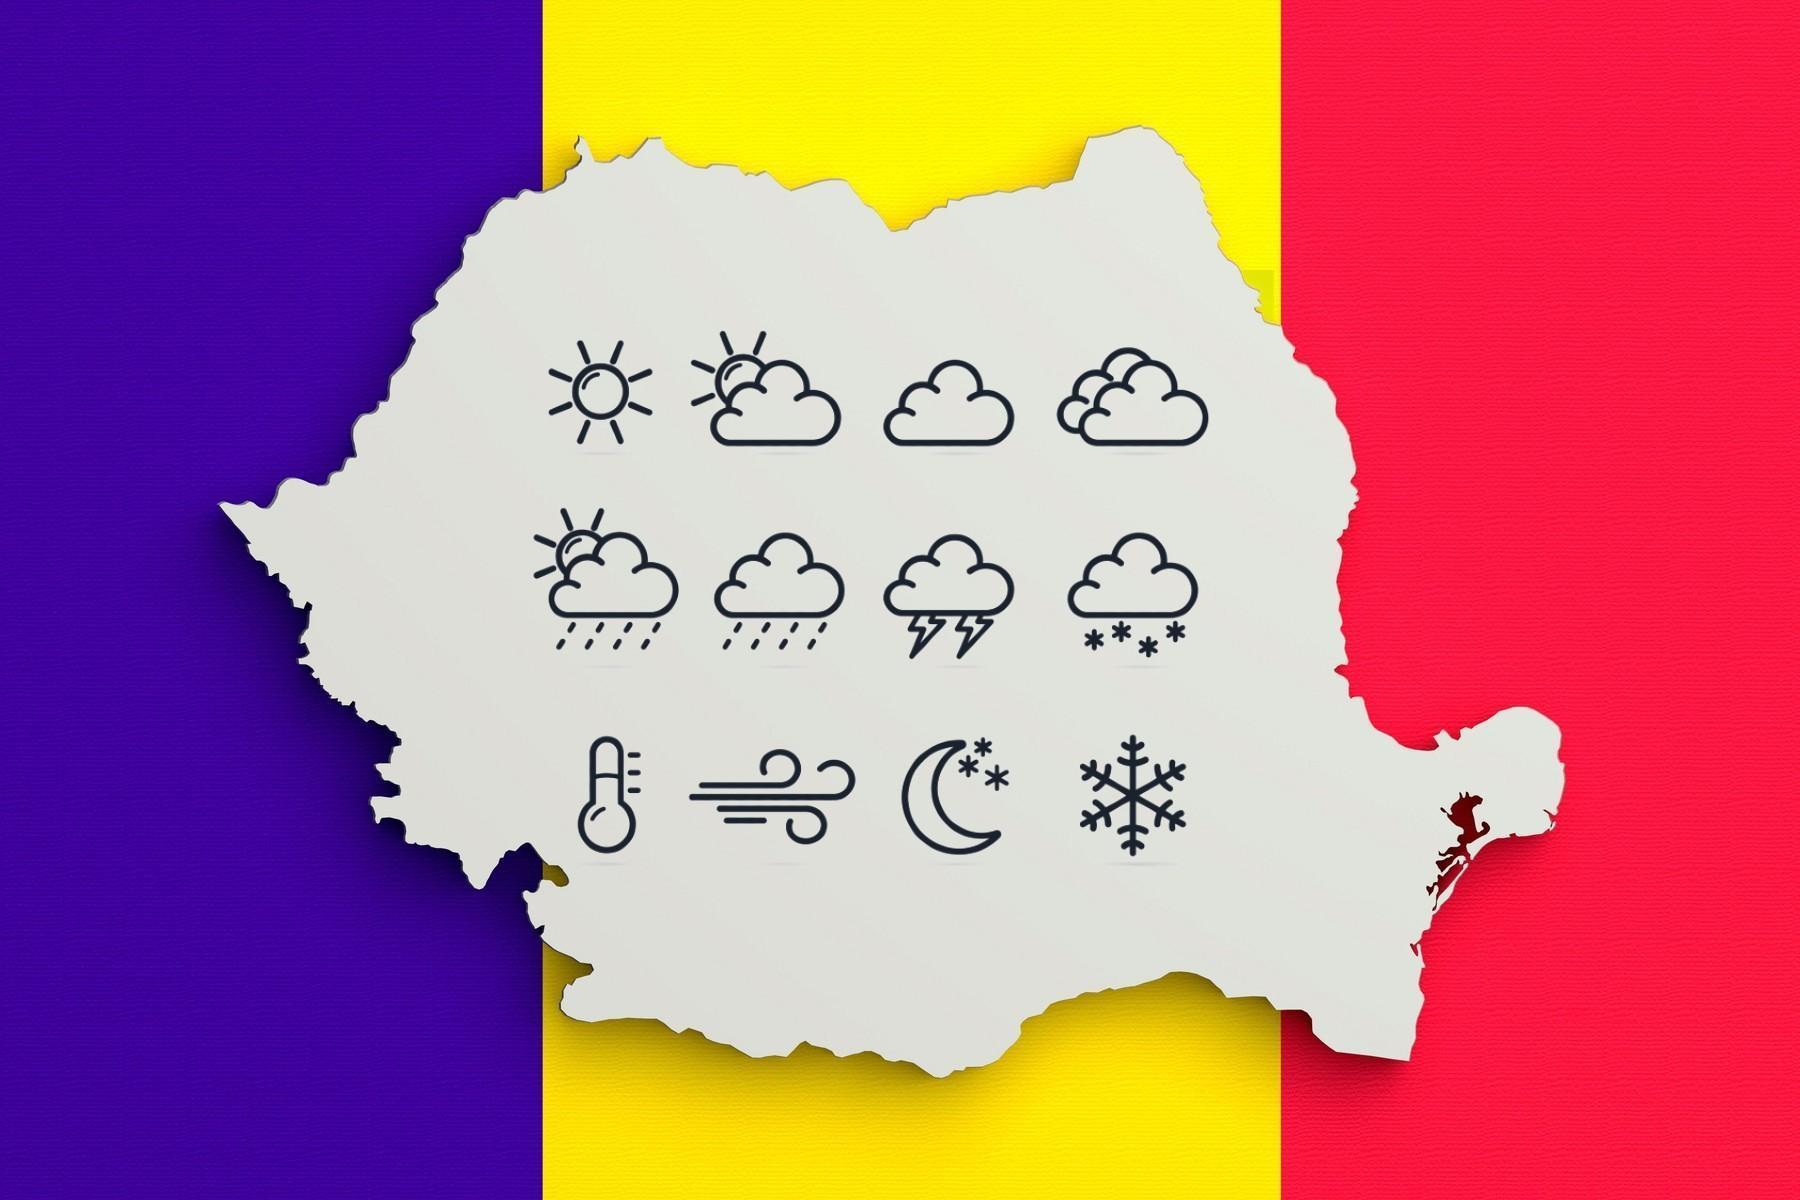 Prognoza Meteo, 3 august 2021. Cum va fi vremea în România și care sunt previziunile ANM pentru astăzi